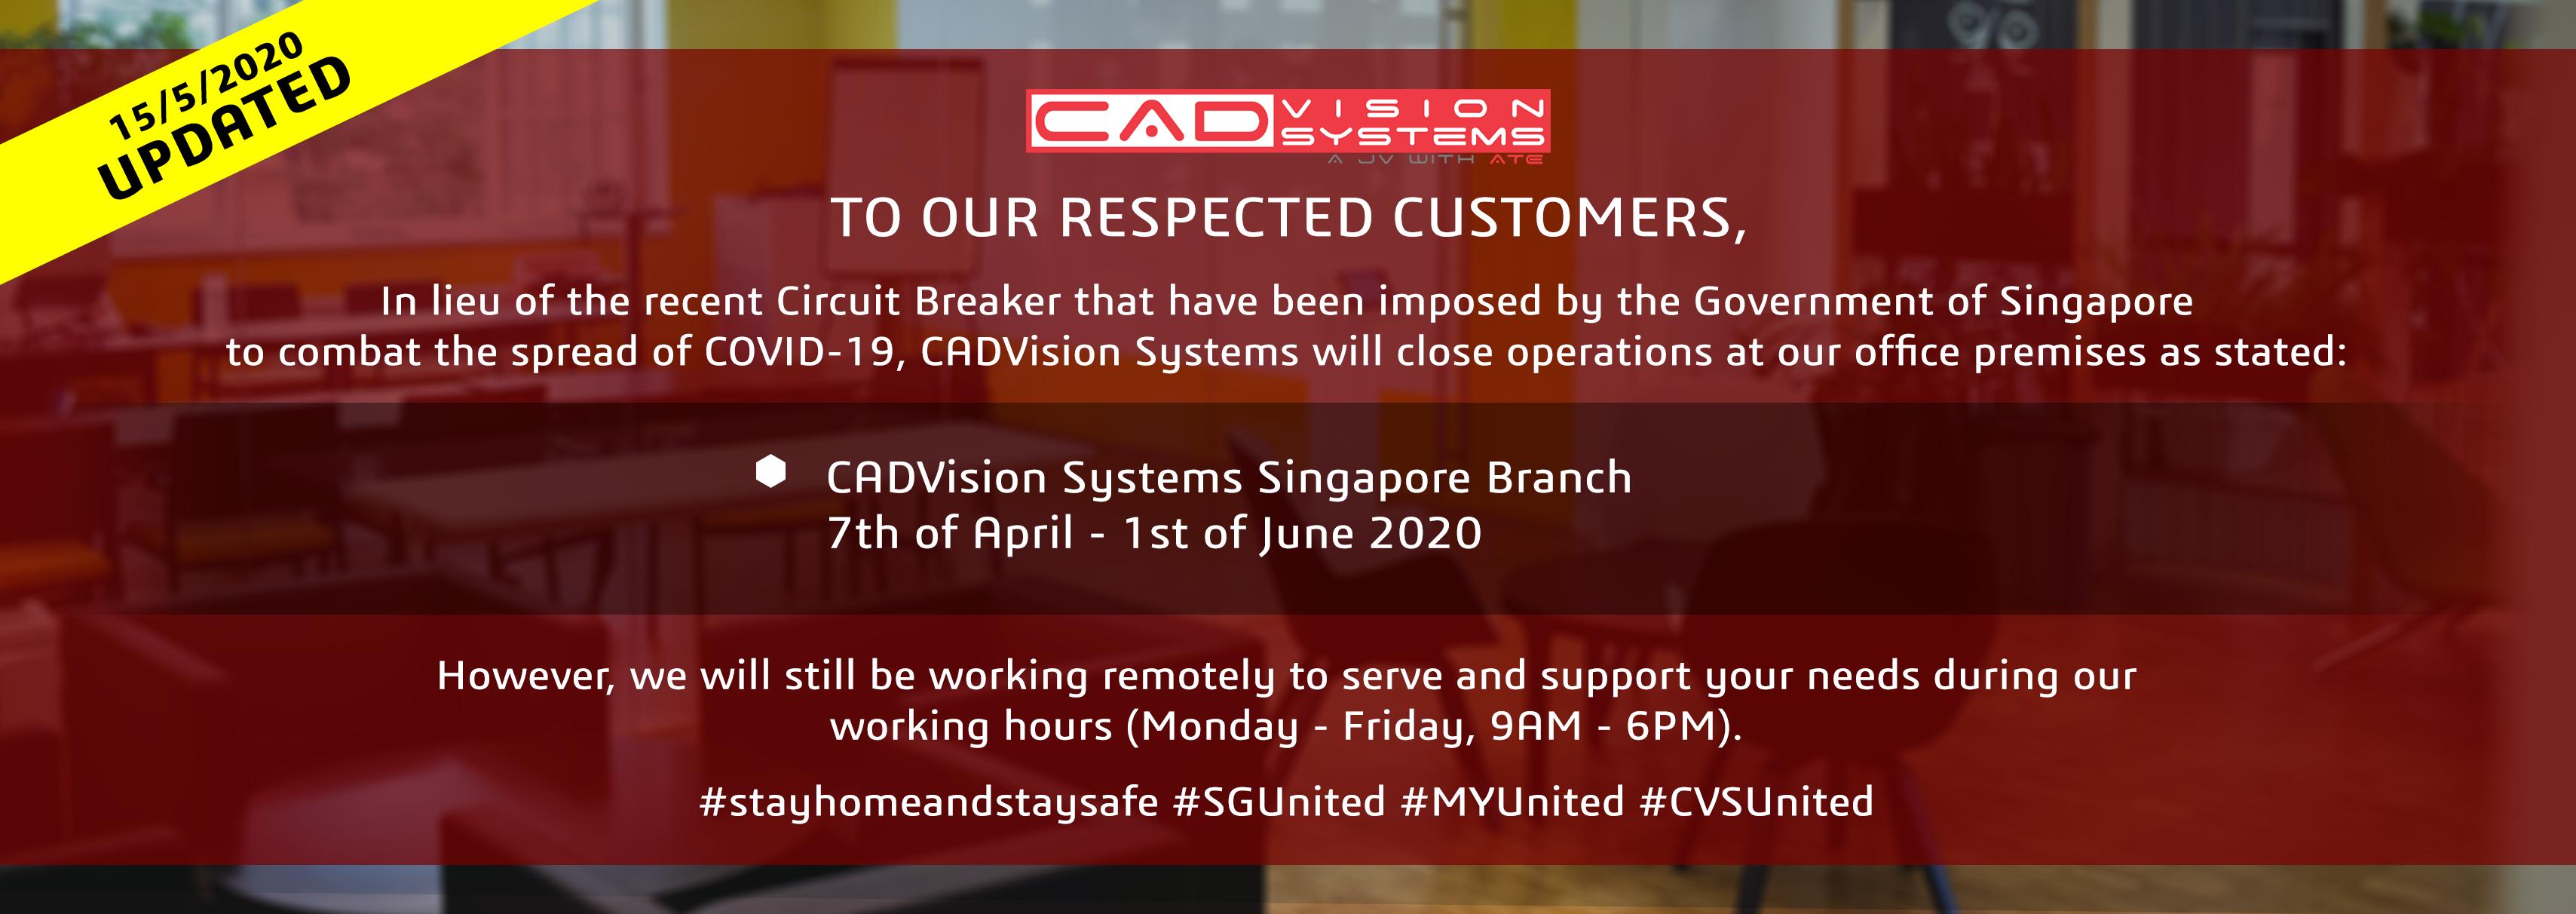 CVS-COVID19-Website-V5